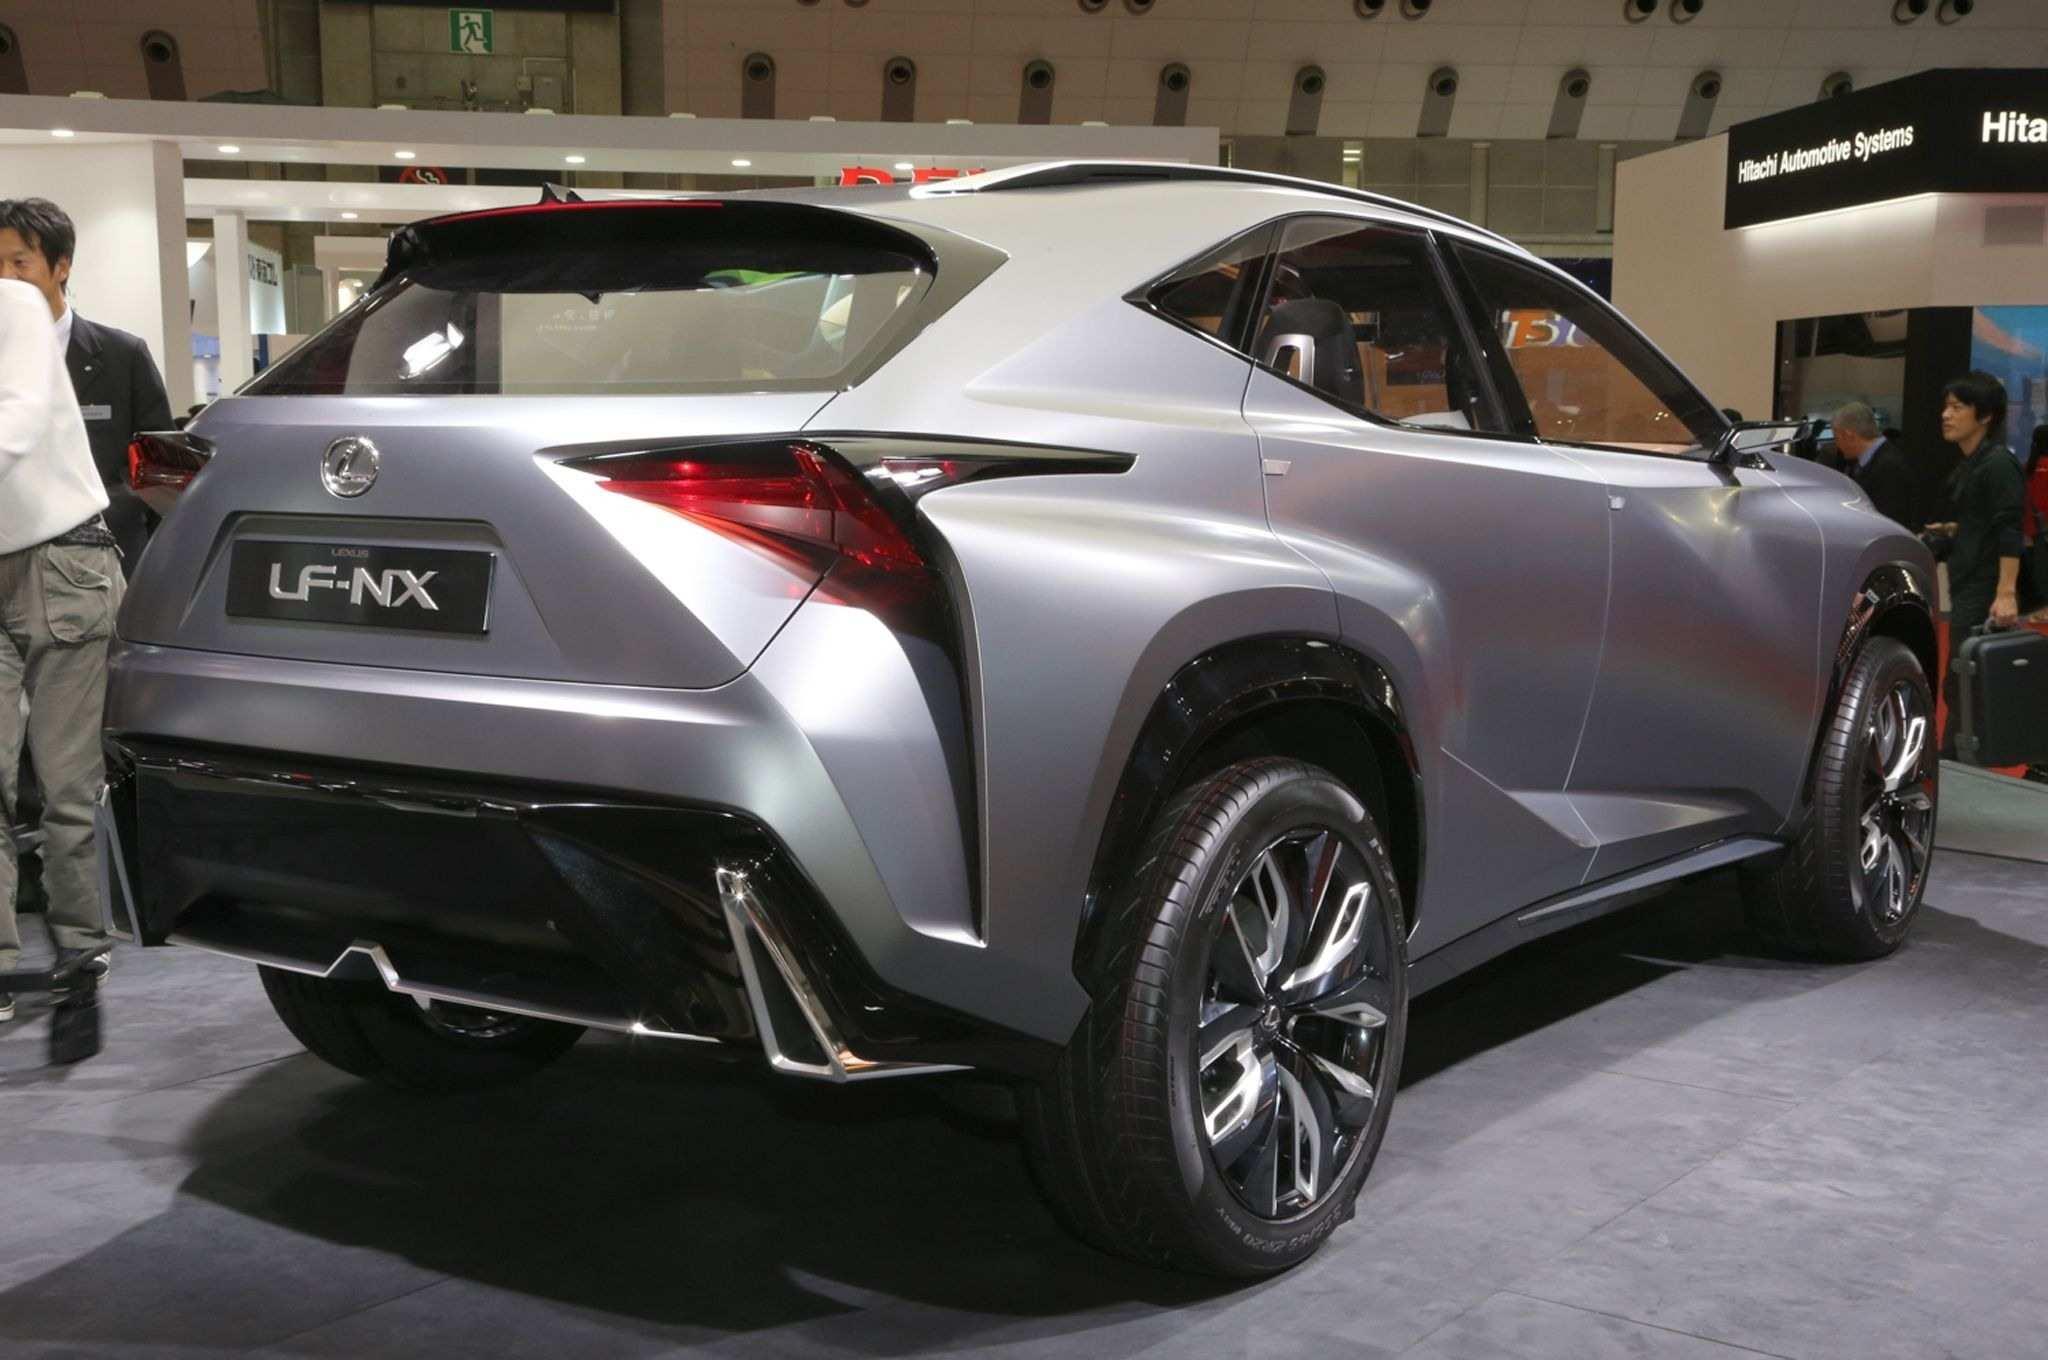 30 New Lexus Nx 2020 White Prices by Lexus Nx 2020 White